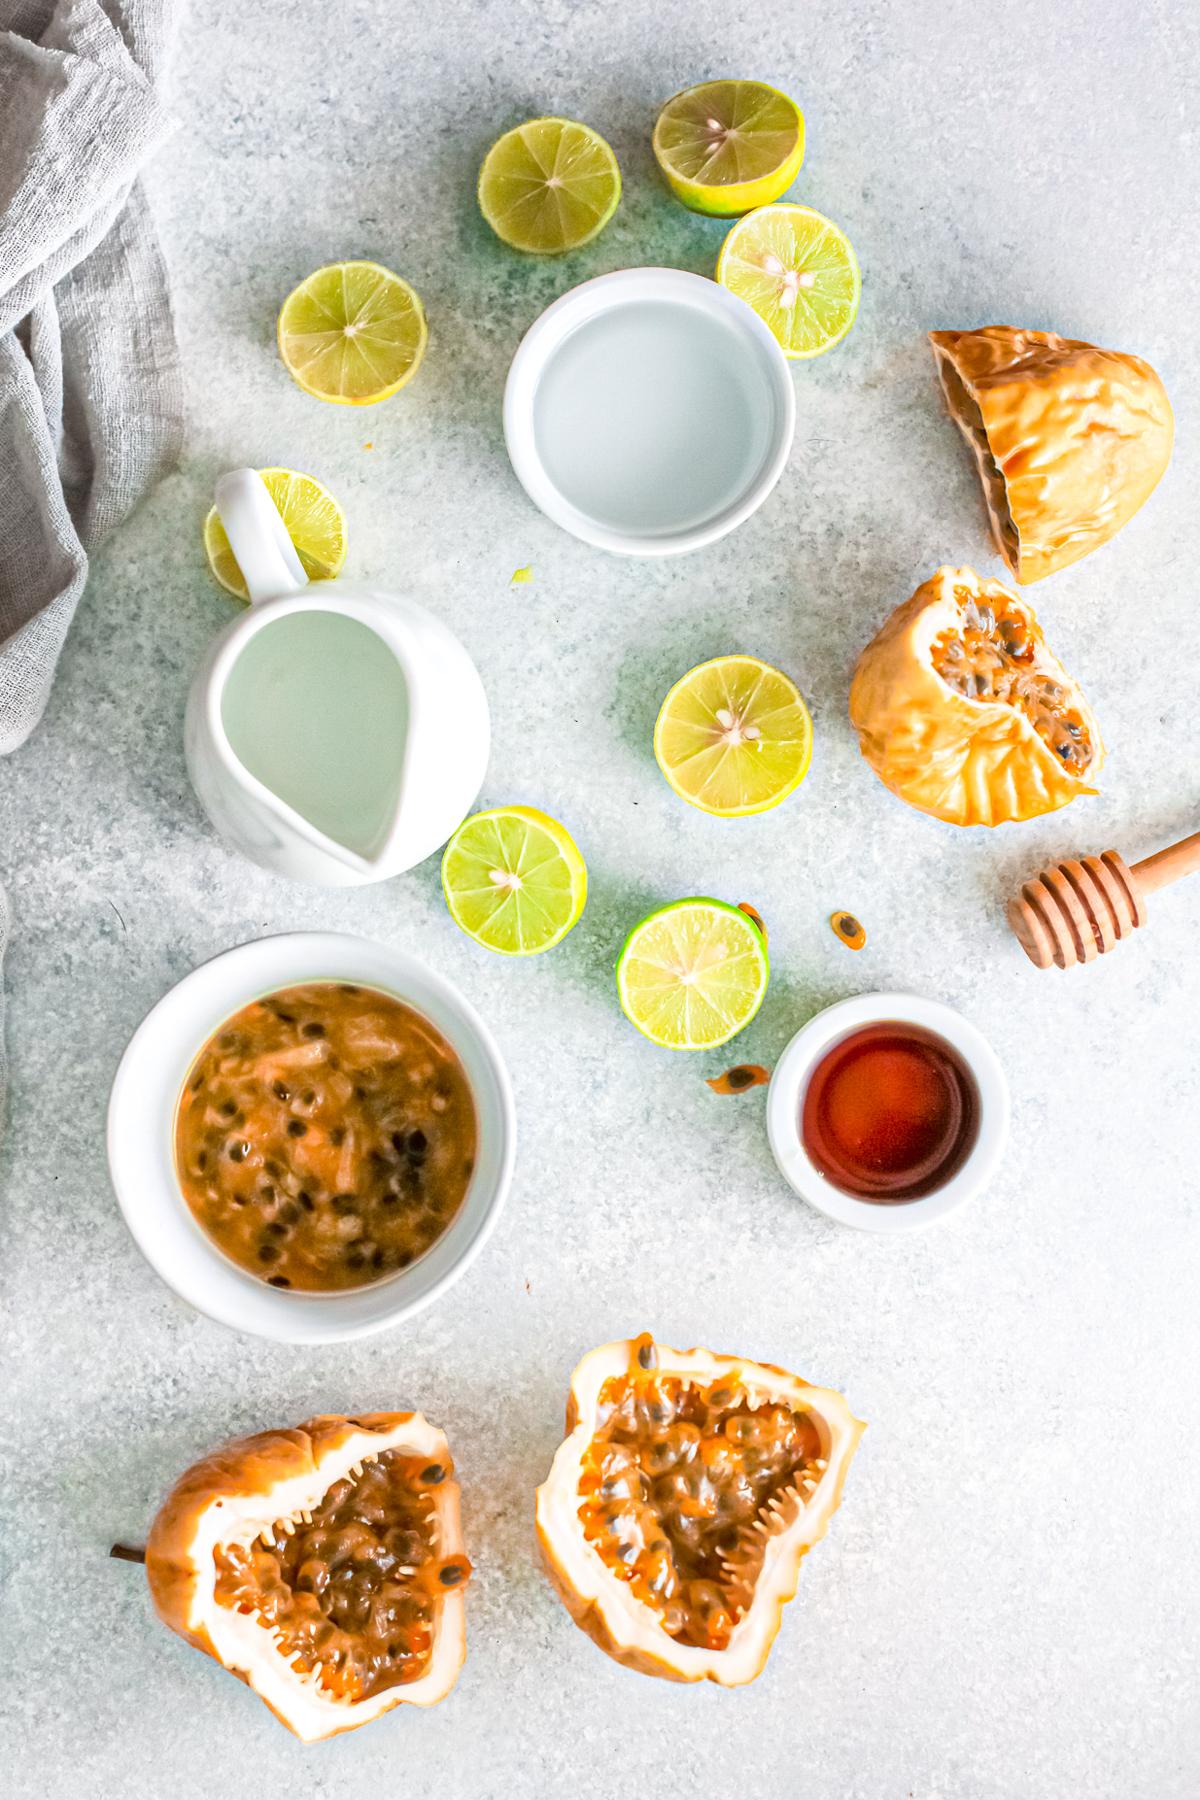 Ingredients needed to make Margaritas